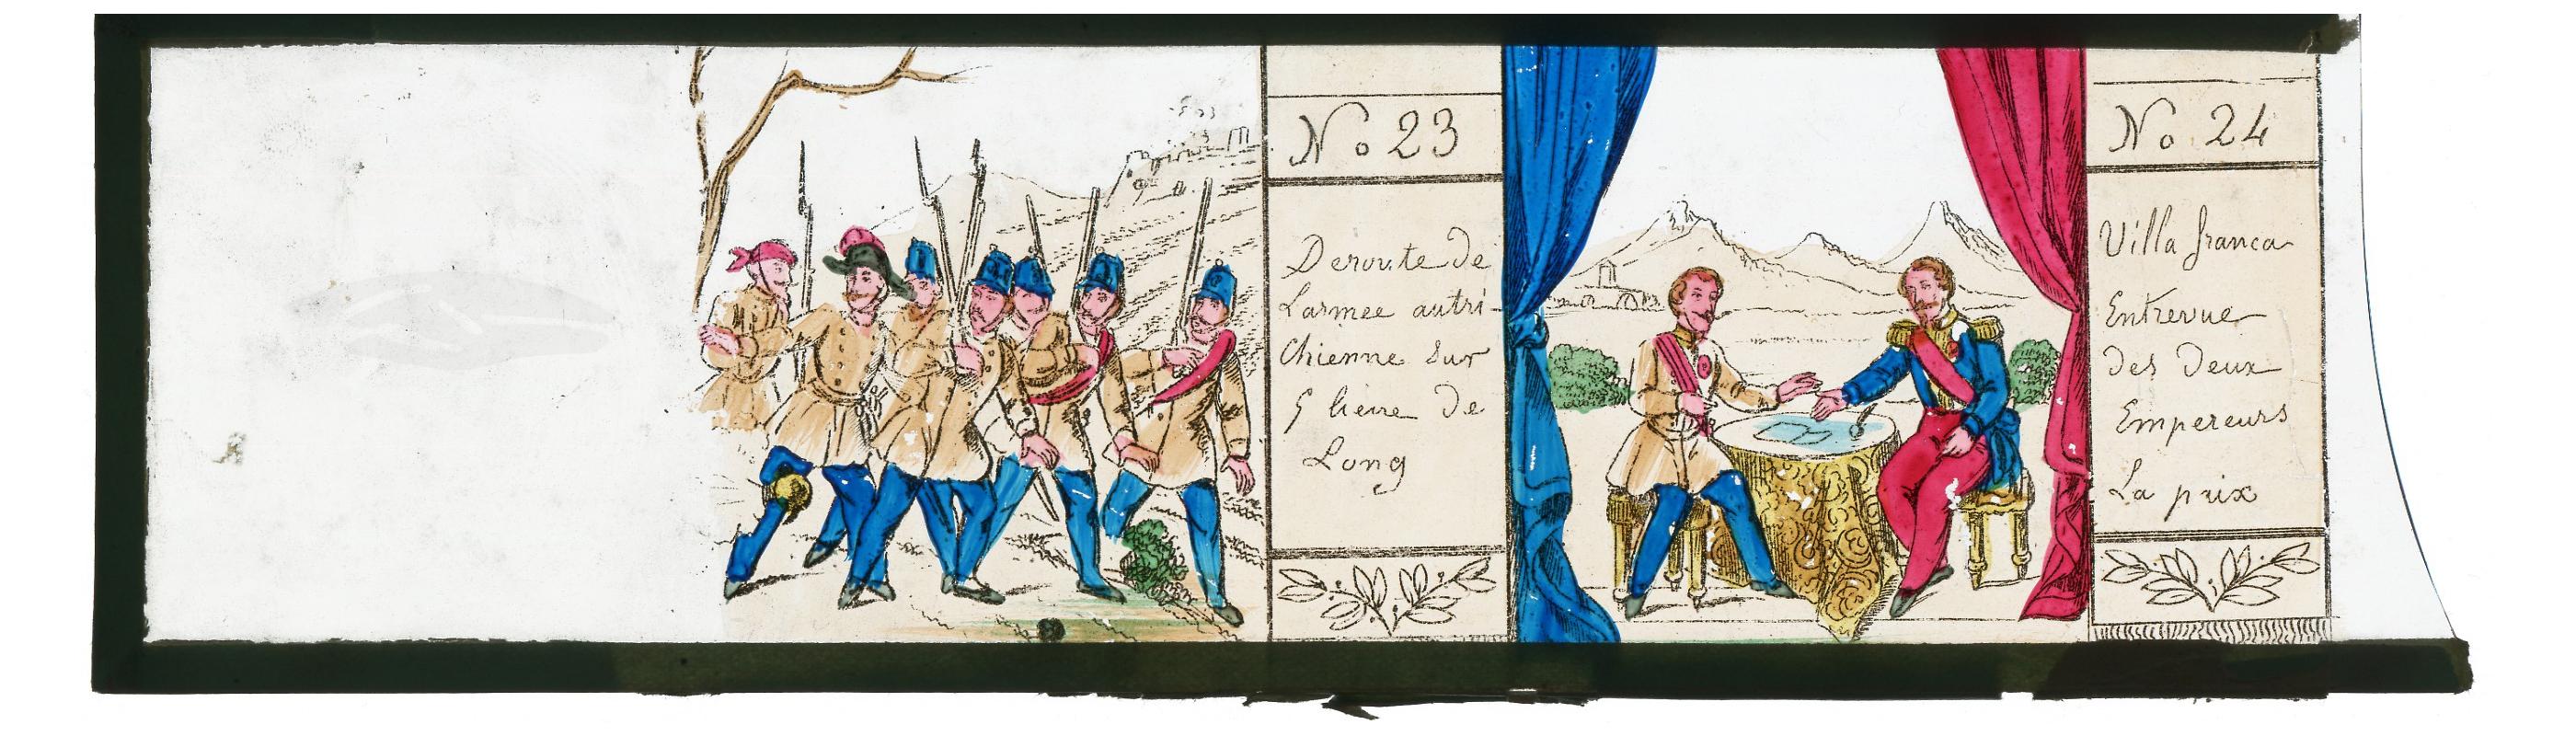 3 plaques de verre - Lanterne magique - XIX - Campagne d'Italie - 1859 - Napoleon III - Uniforme - Soldat -